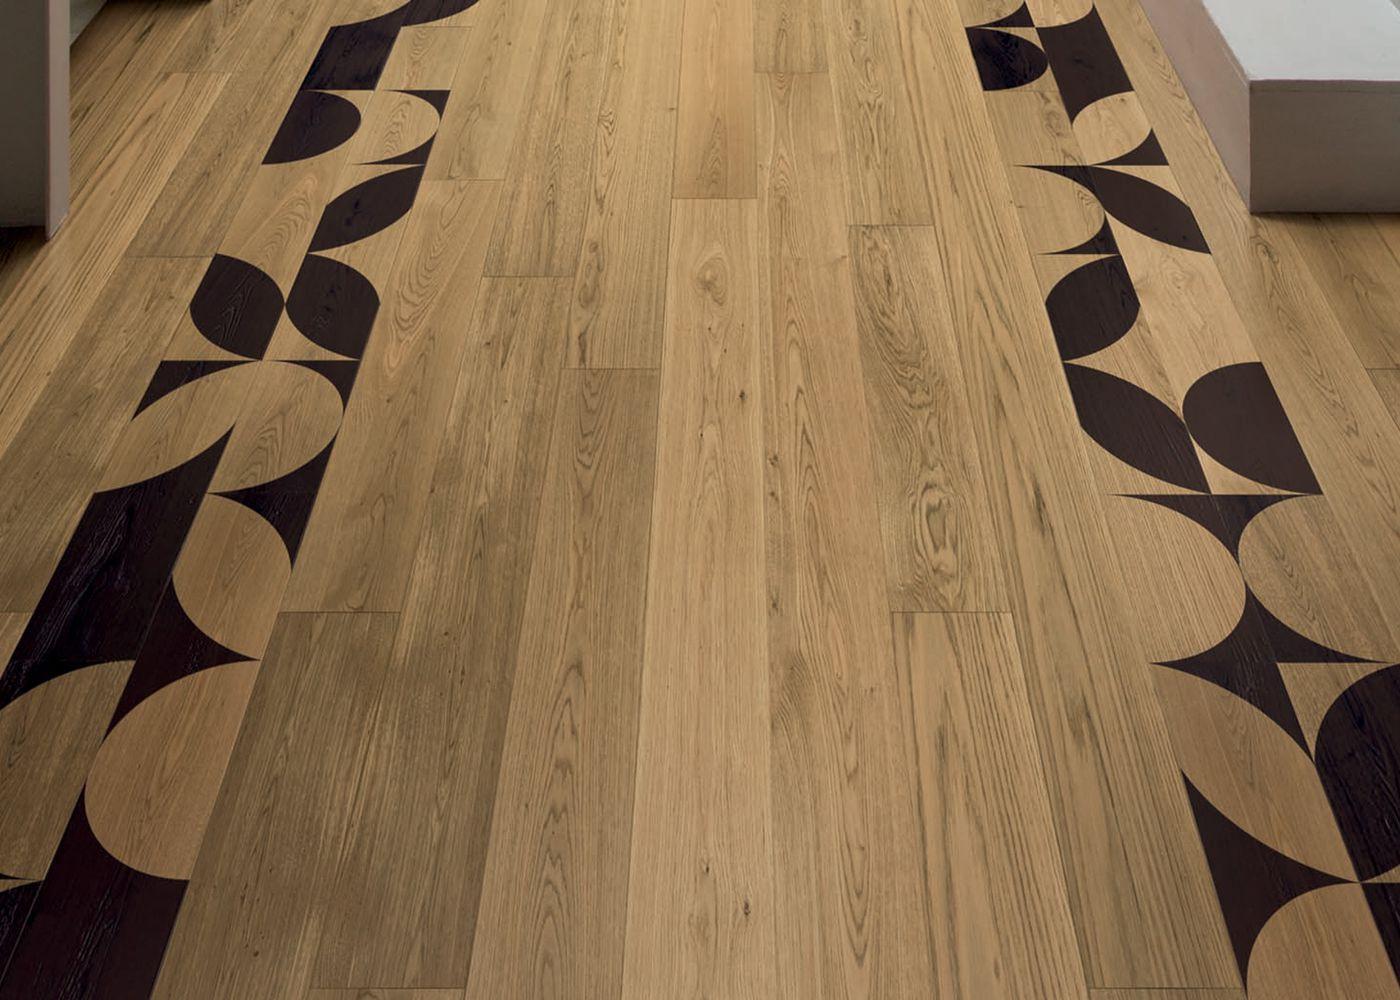 Parquet Contrecollé Monolame Chêne G4 PR Bis Contemporain Vernis Brossé Mat Teinte Naturelle (b5)- Design Geometrico 1 (luca Scacchetti )- Pefc - Fsc 13x150x1500